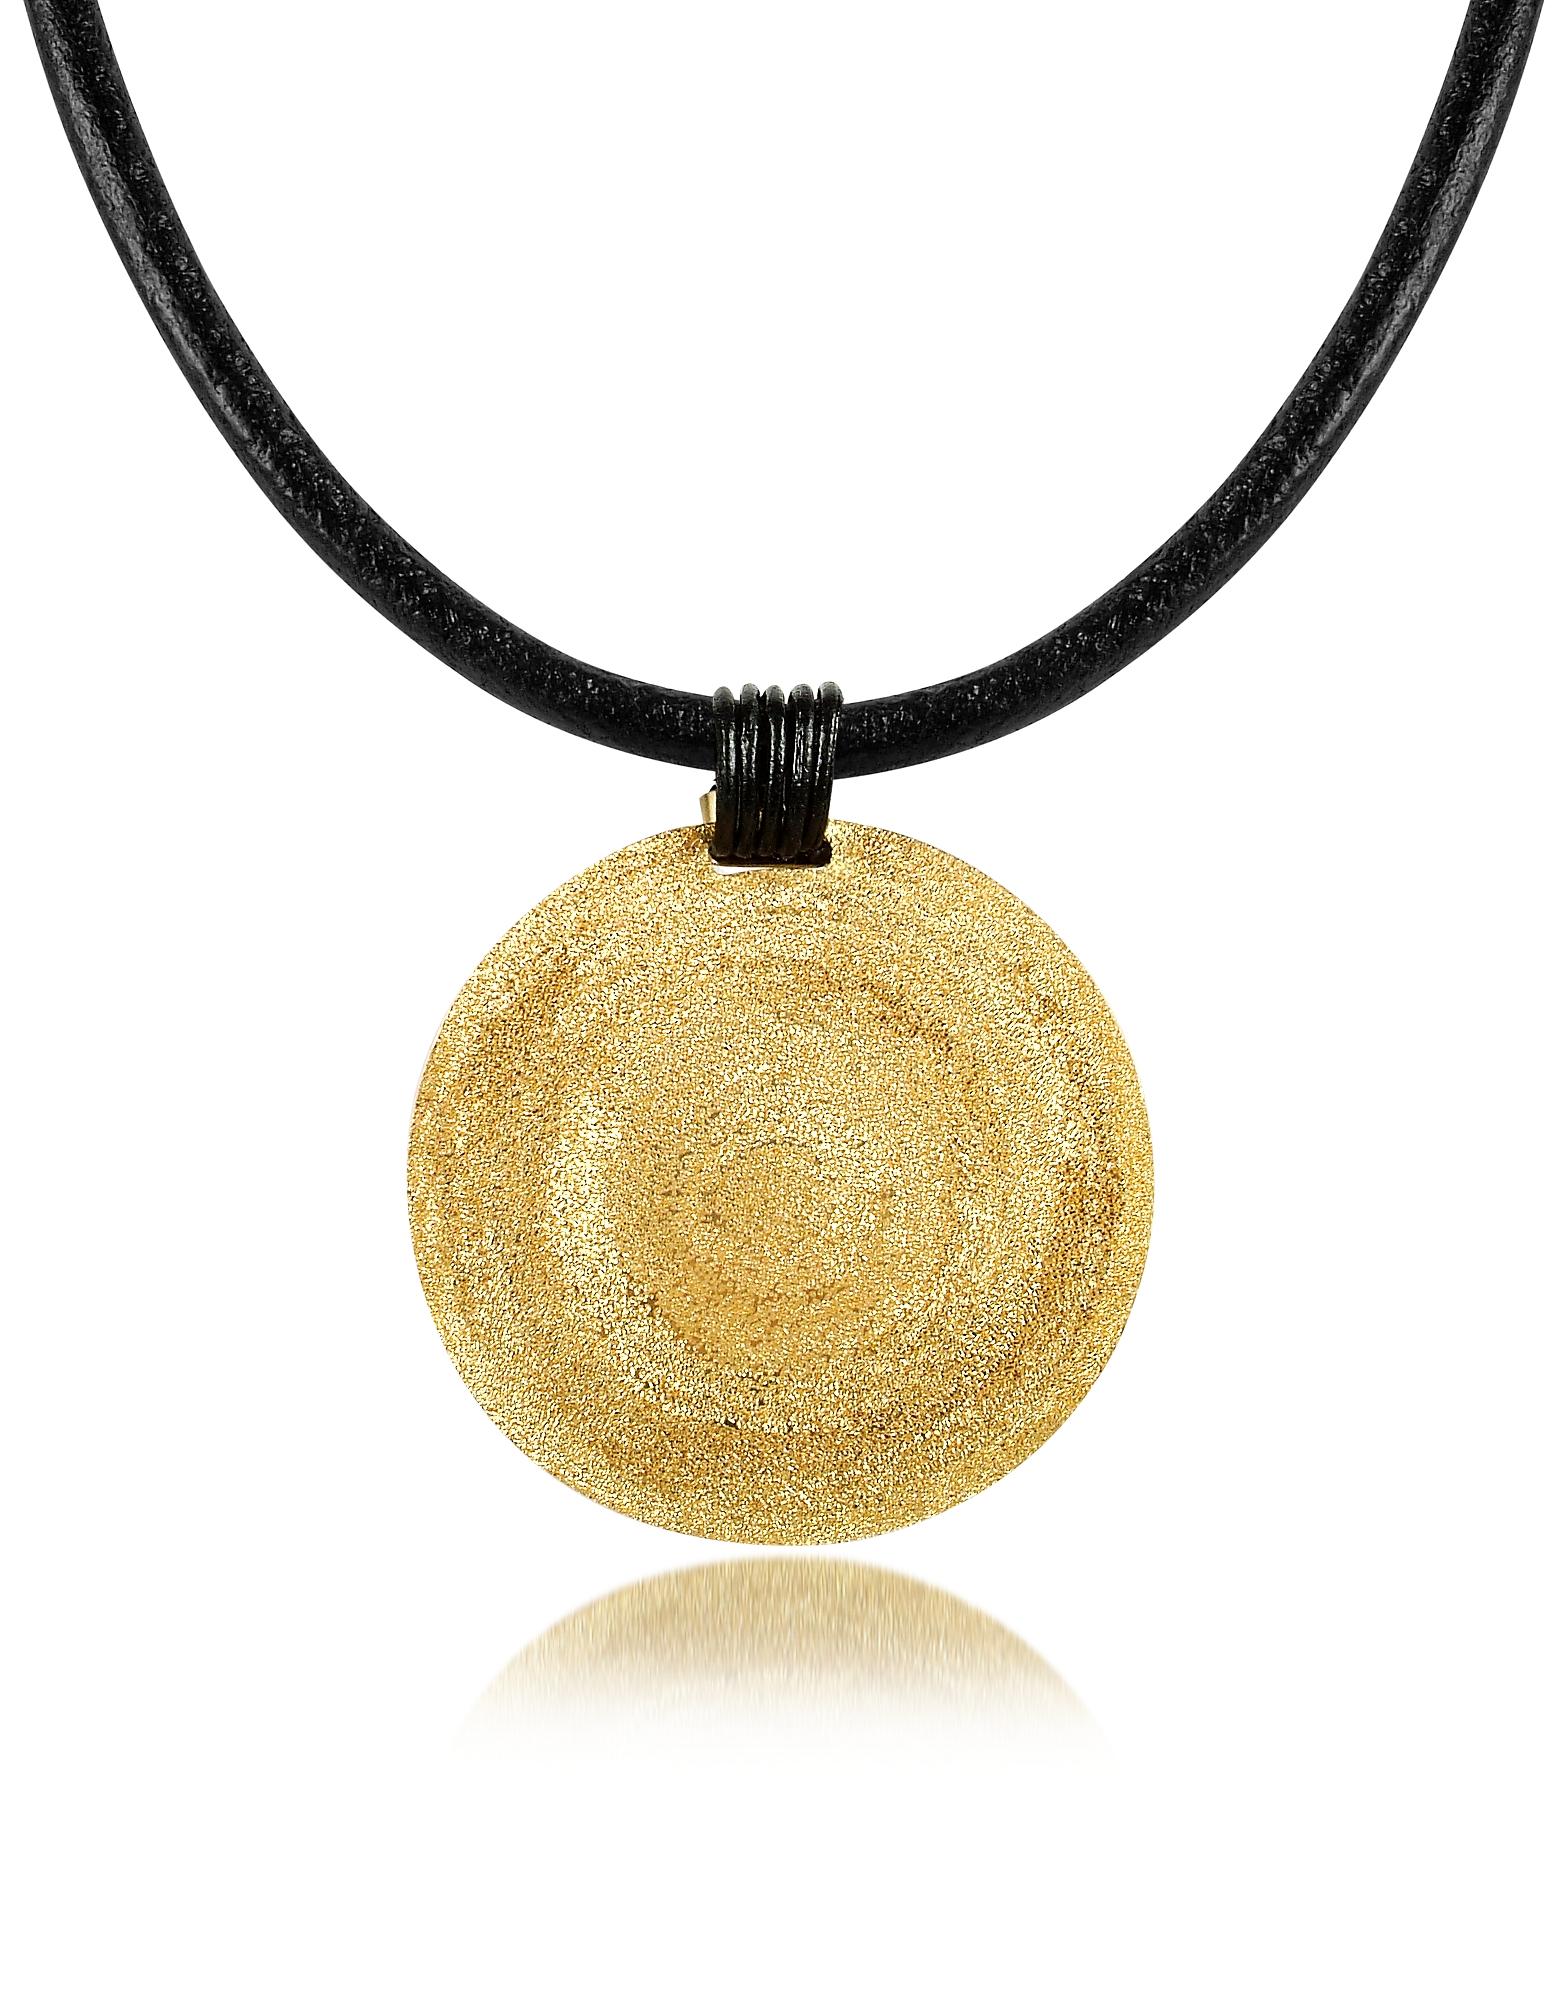 Круглая Золотистая Точеная Подвеска из Серебра Среднего Размера на Кожаном Шнурке